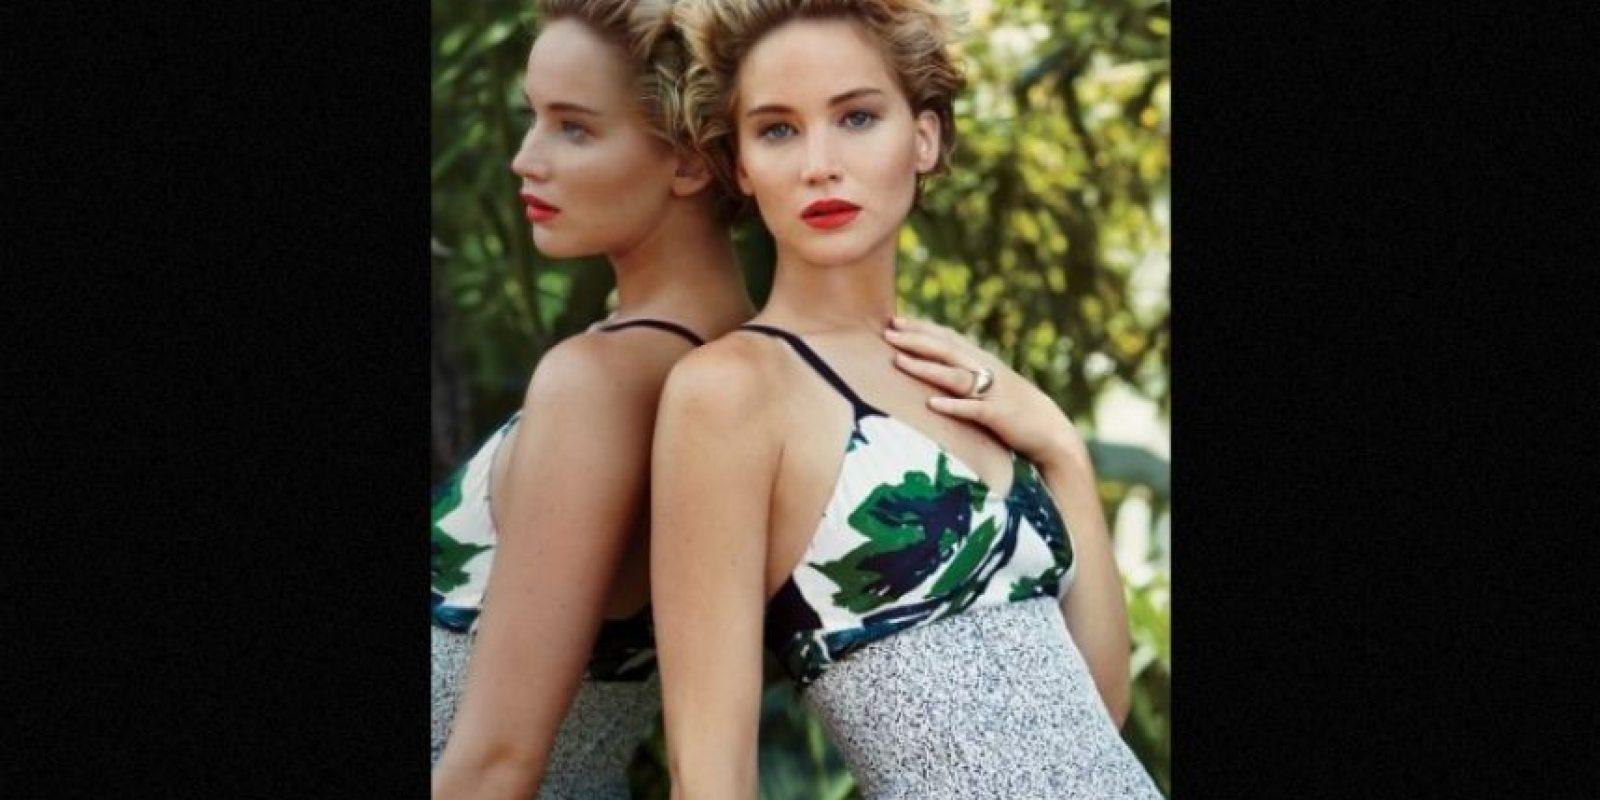 """Cuando posó desnuda: Luego del polémico """"celebgate"""", para la edición de marzo de la revista """"Vanity Fair"""", la actriz aceptó posar desnuda. Foto:Vanity Fair"""